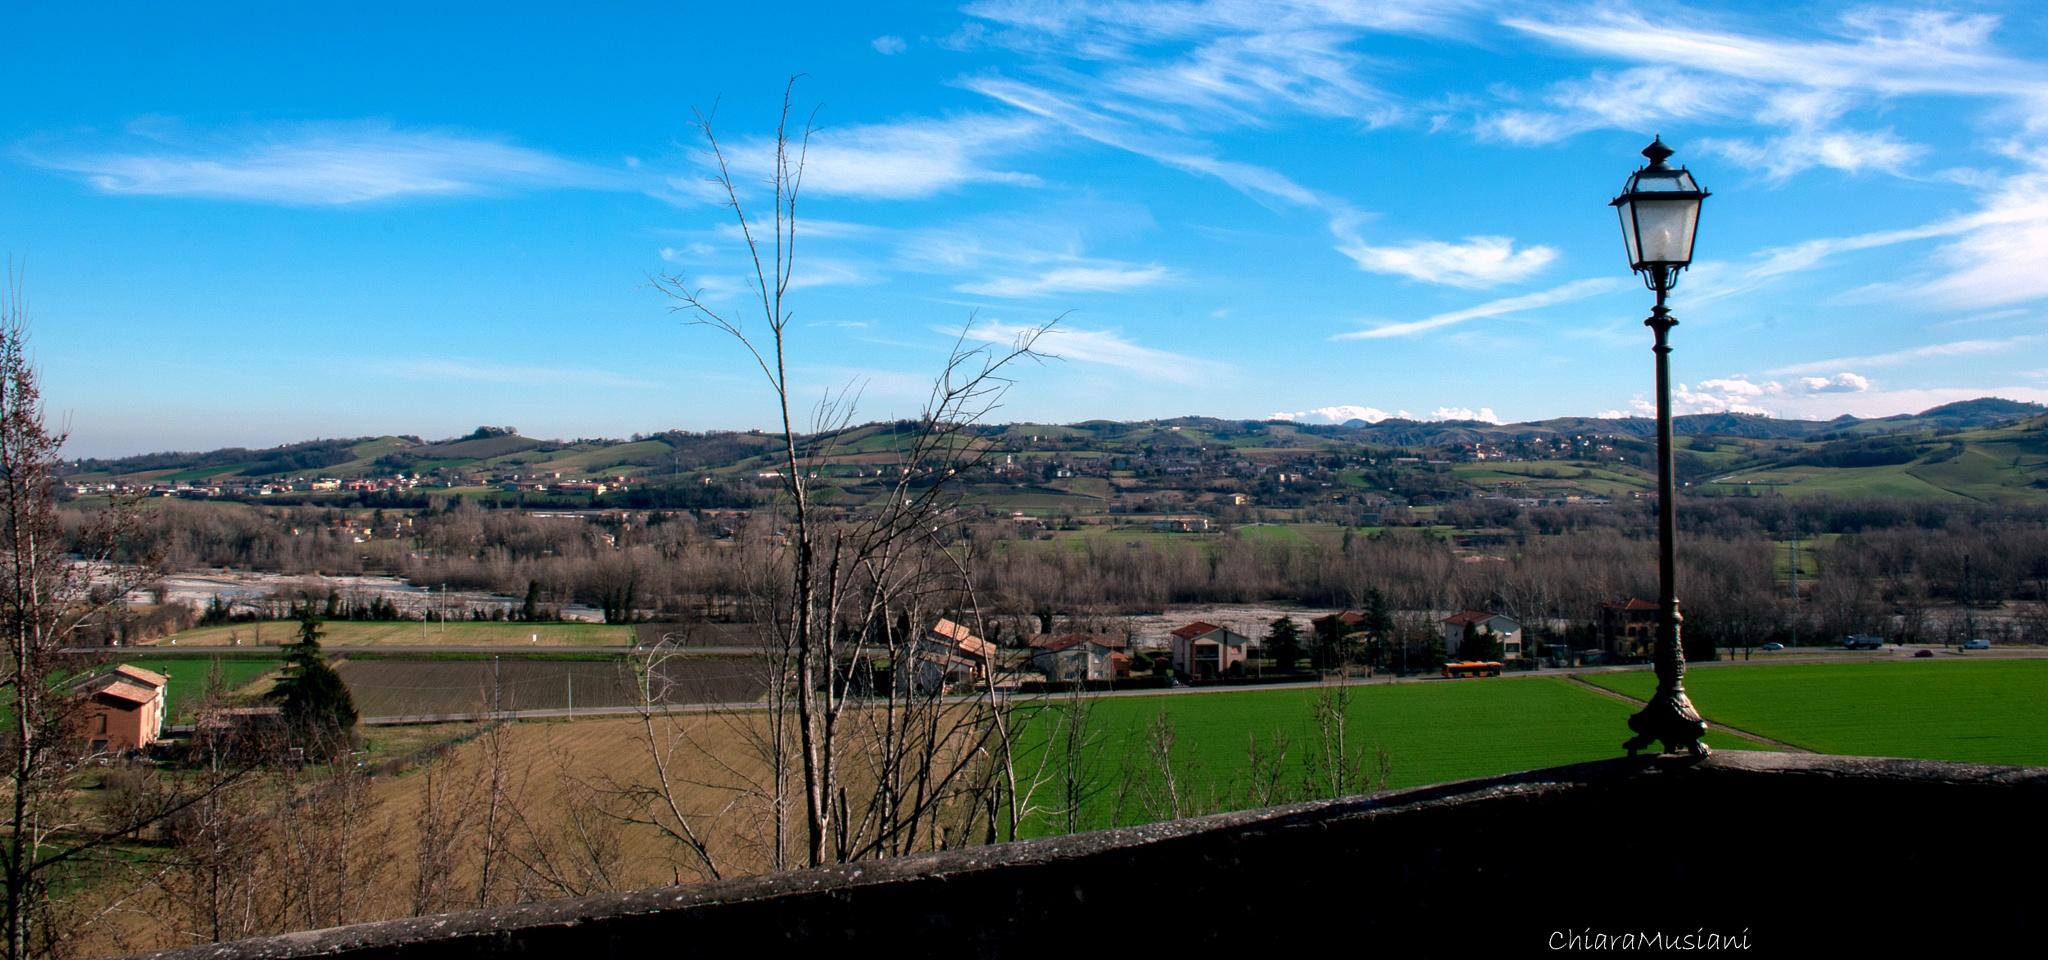 Countryside  by musianichiara